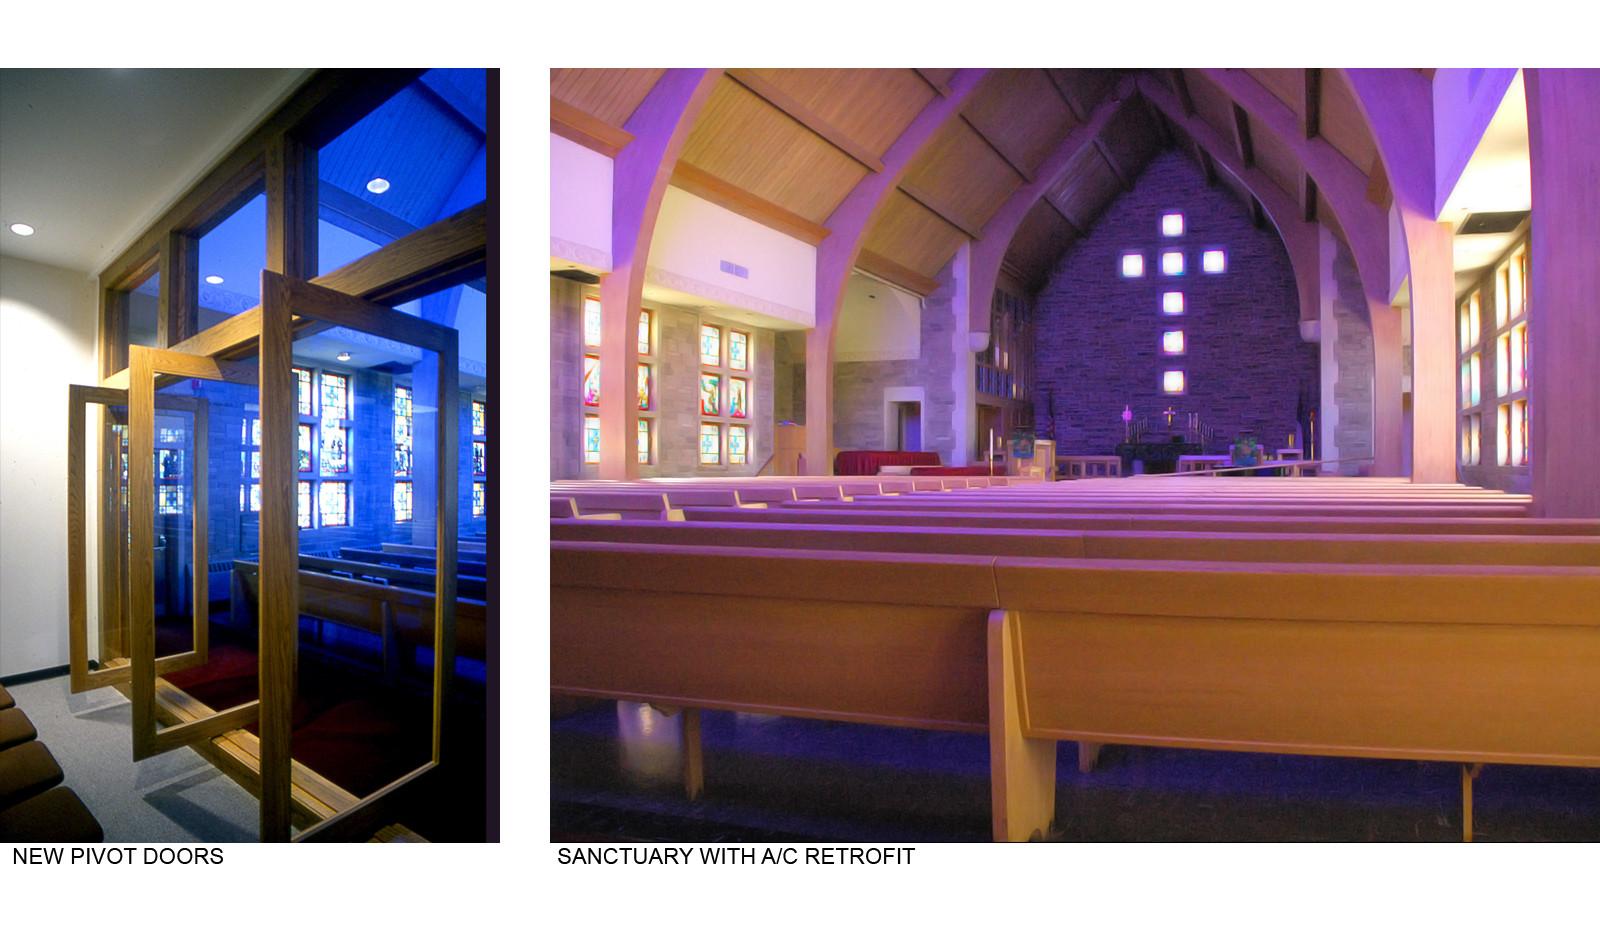 New Pivot Doors and Sanctuary